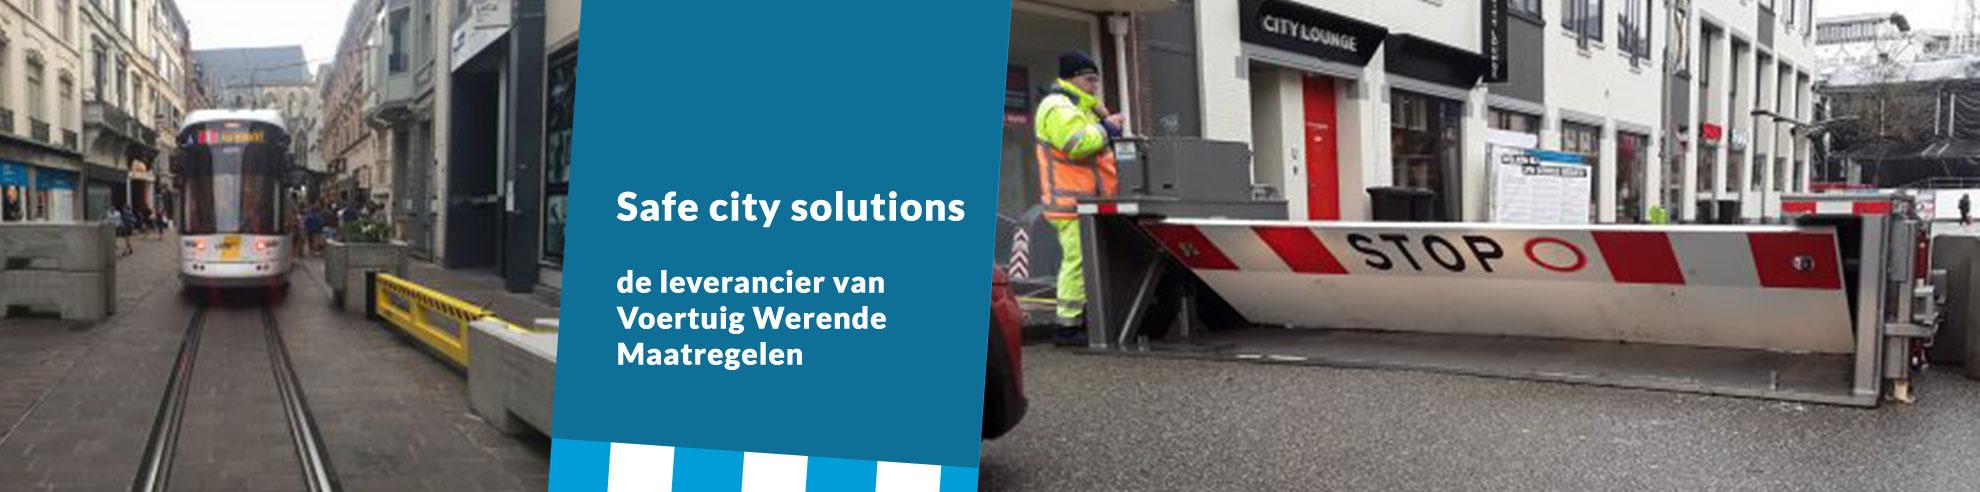 Safe City Solutions, de leverancier van Voertuig Werende Maatregelen